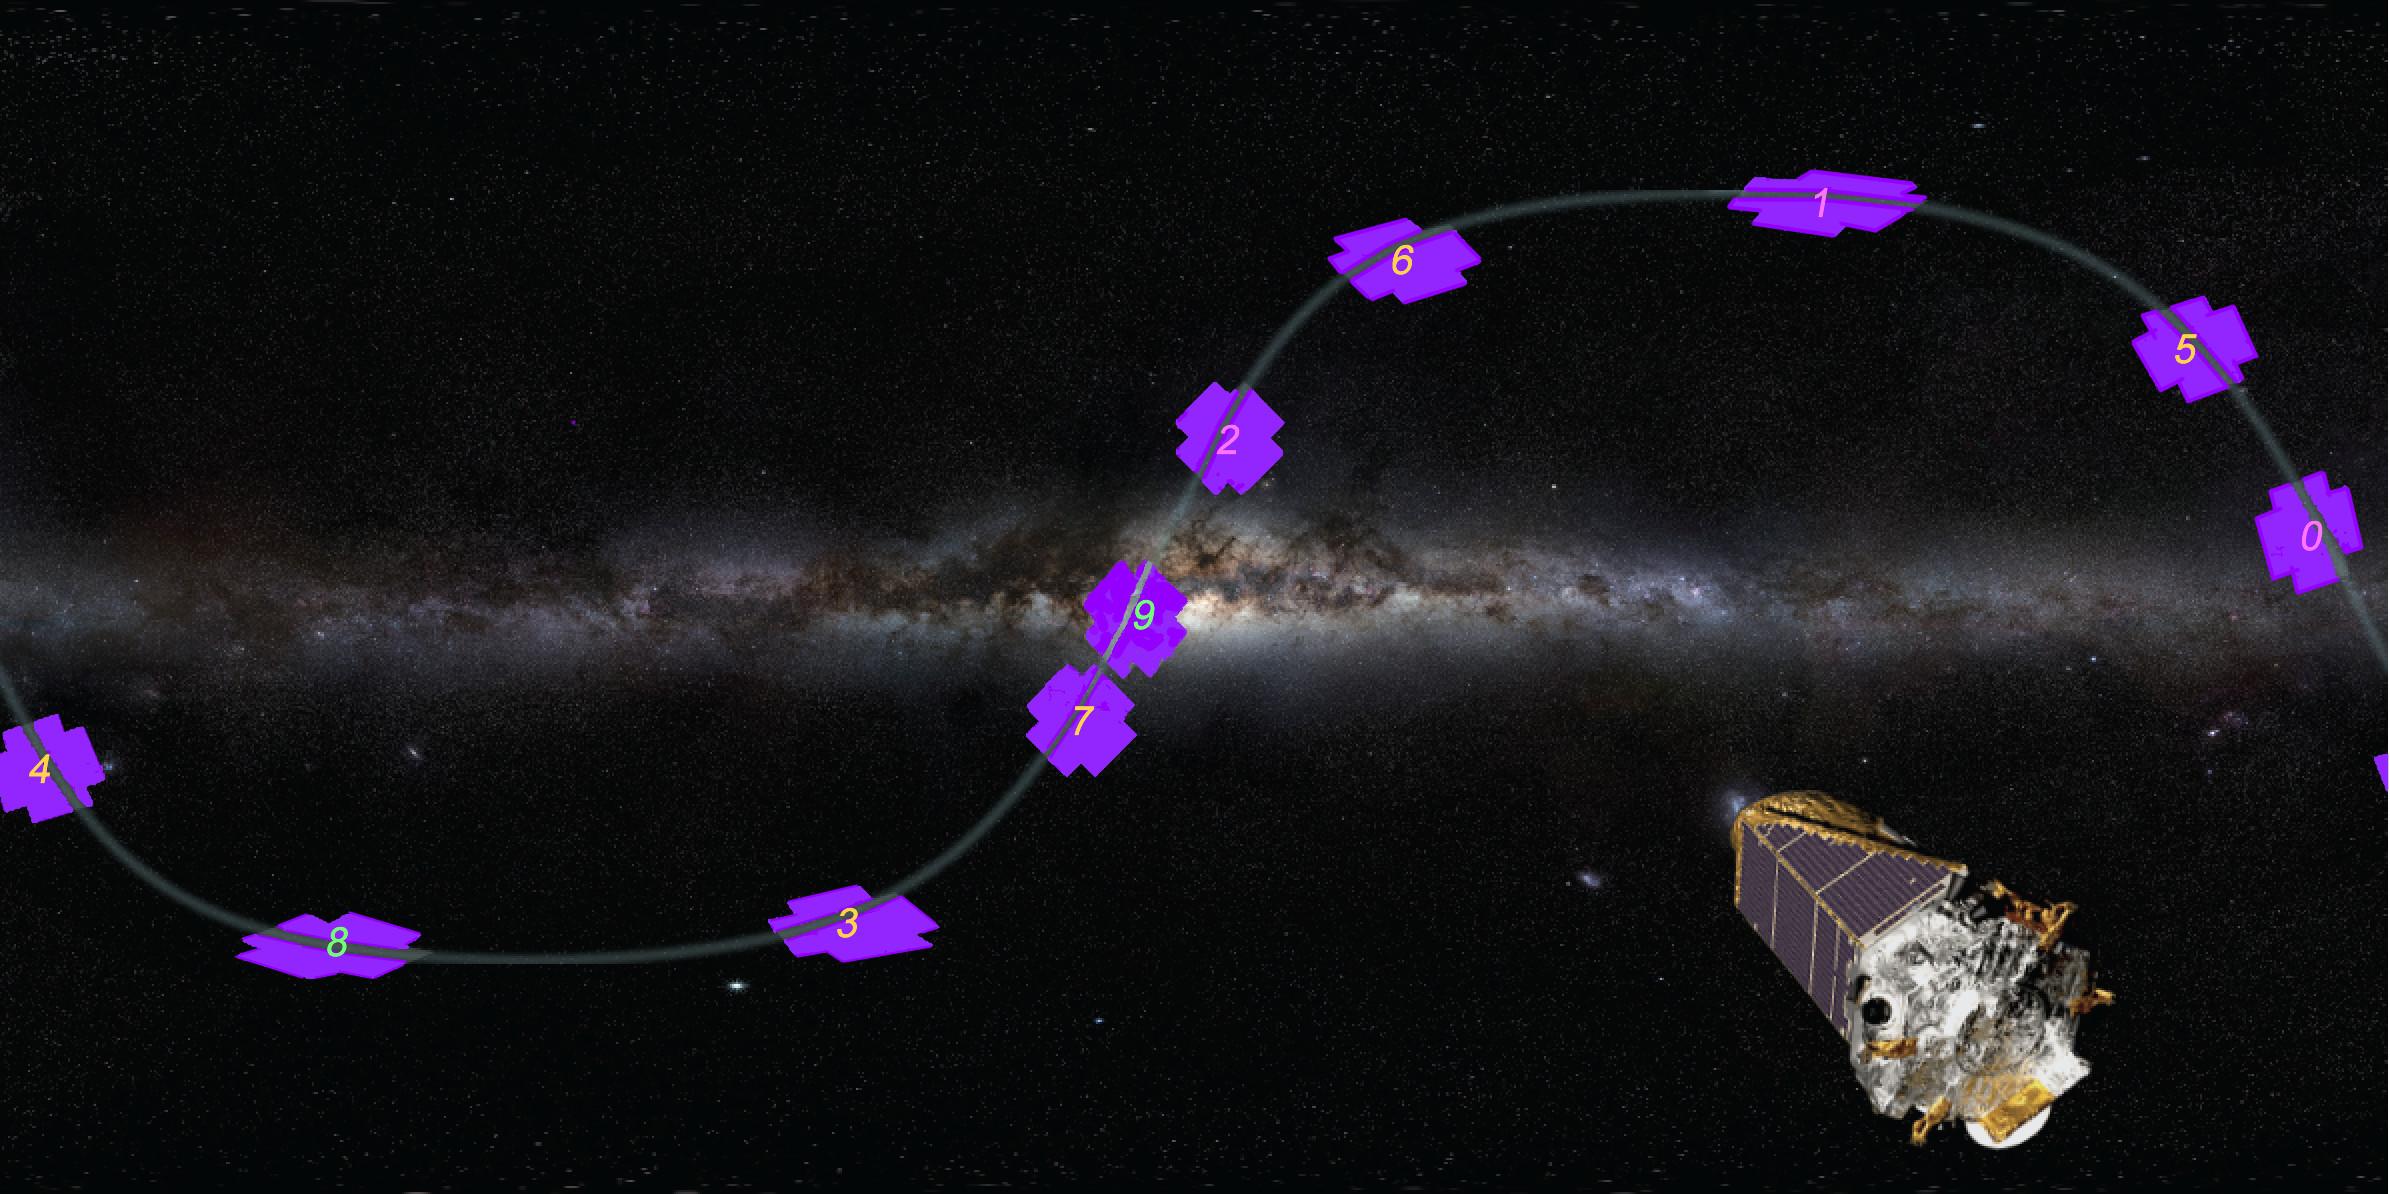 Kepler K2 field